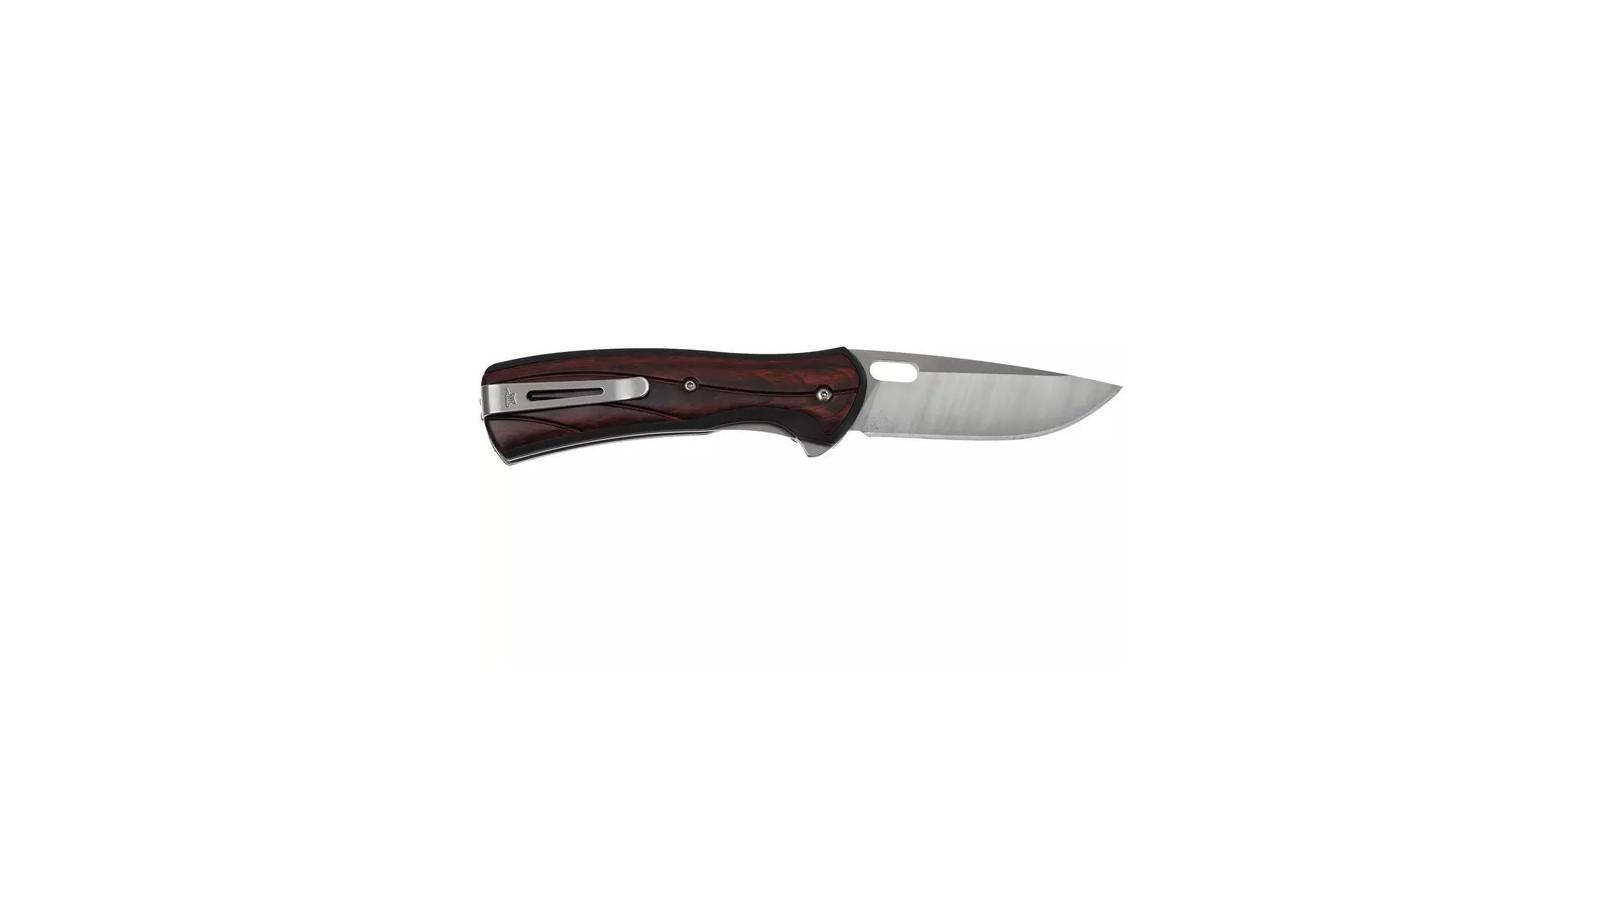 Couteau pliant Mcusta seki Elite bois de cocobolo